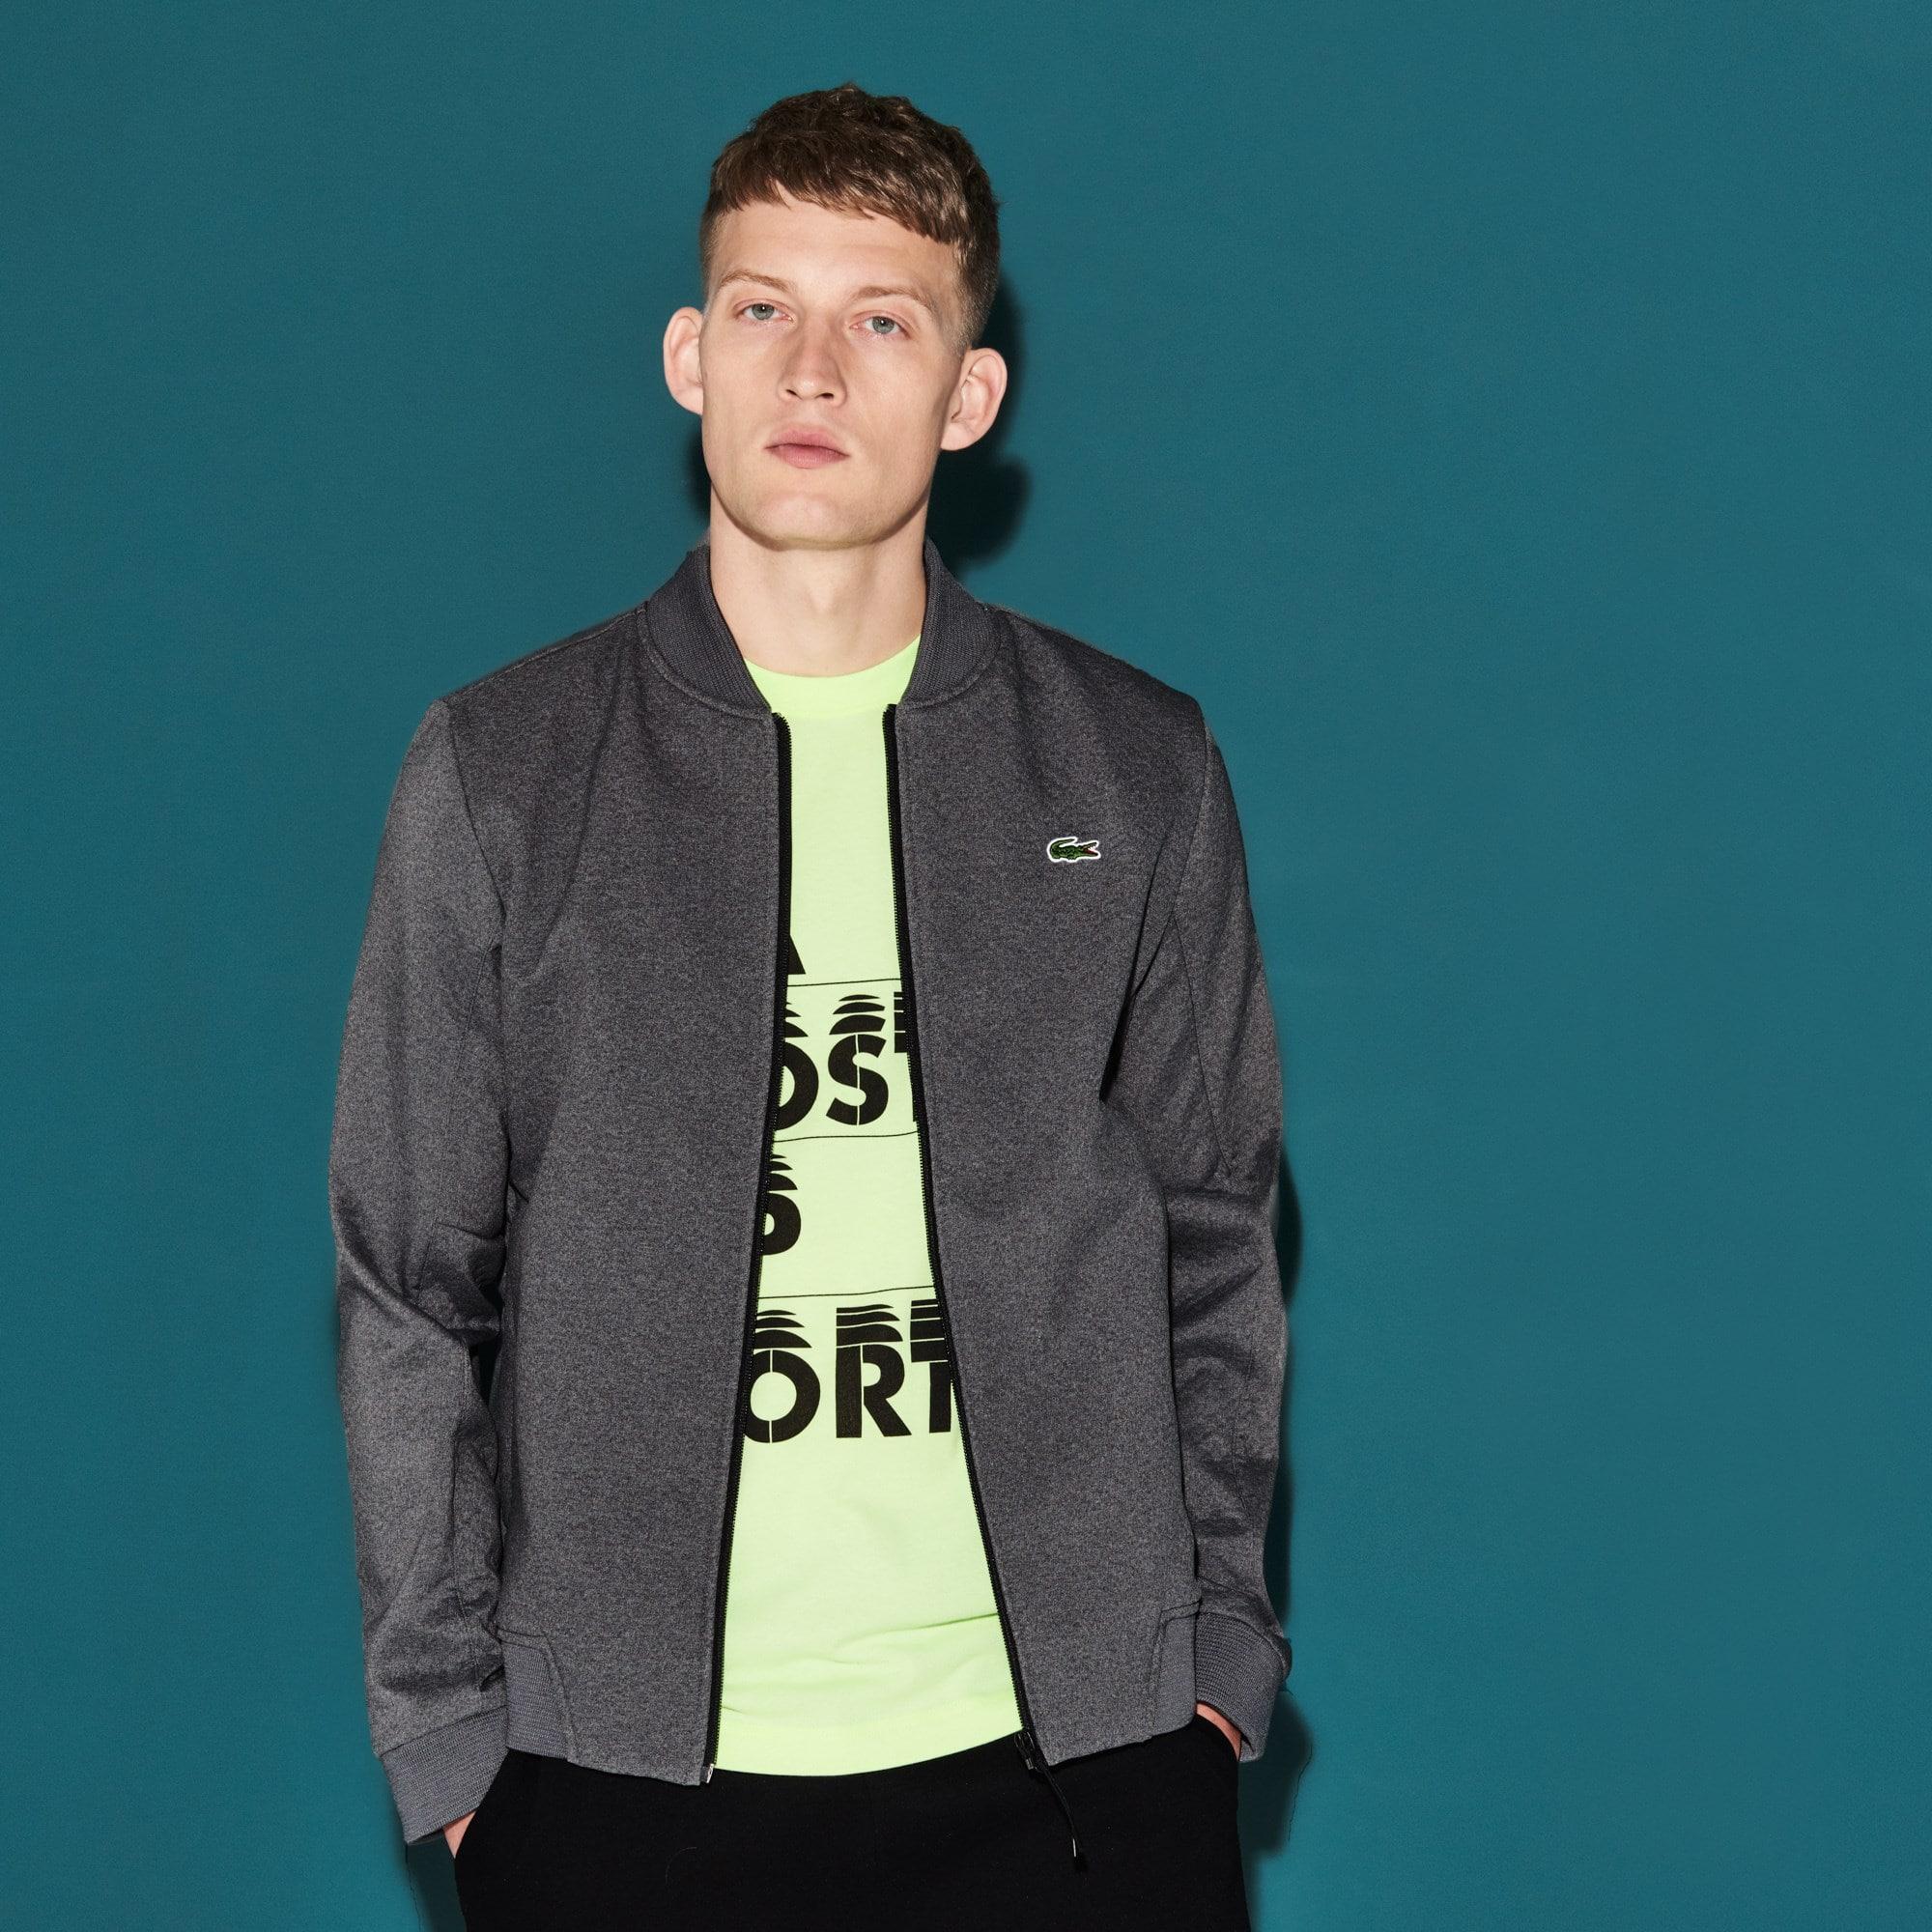 Herren LACOSTE SPORT Fleece Midlayer Tennis Sweatshirt